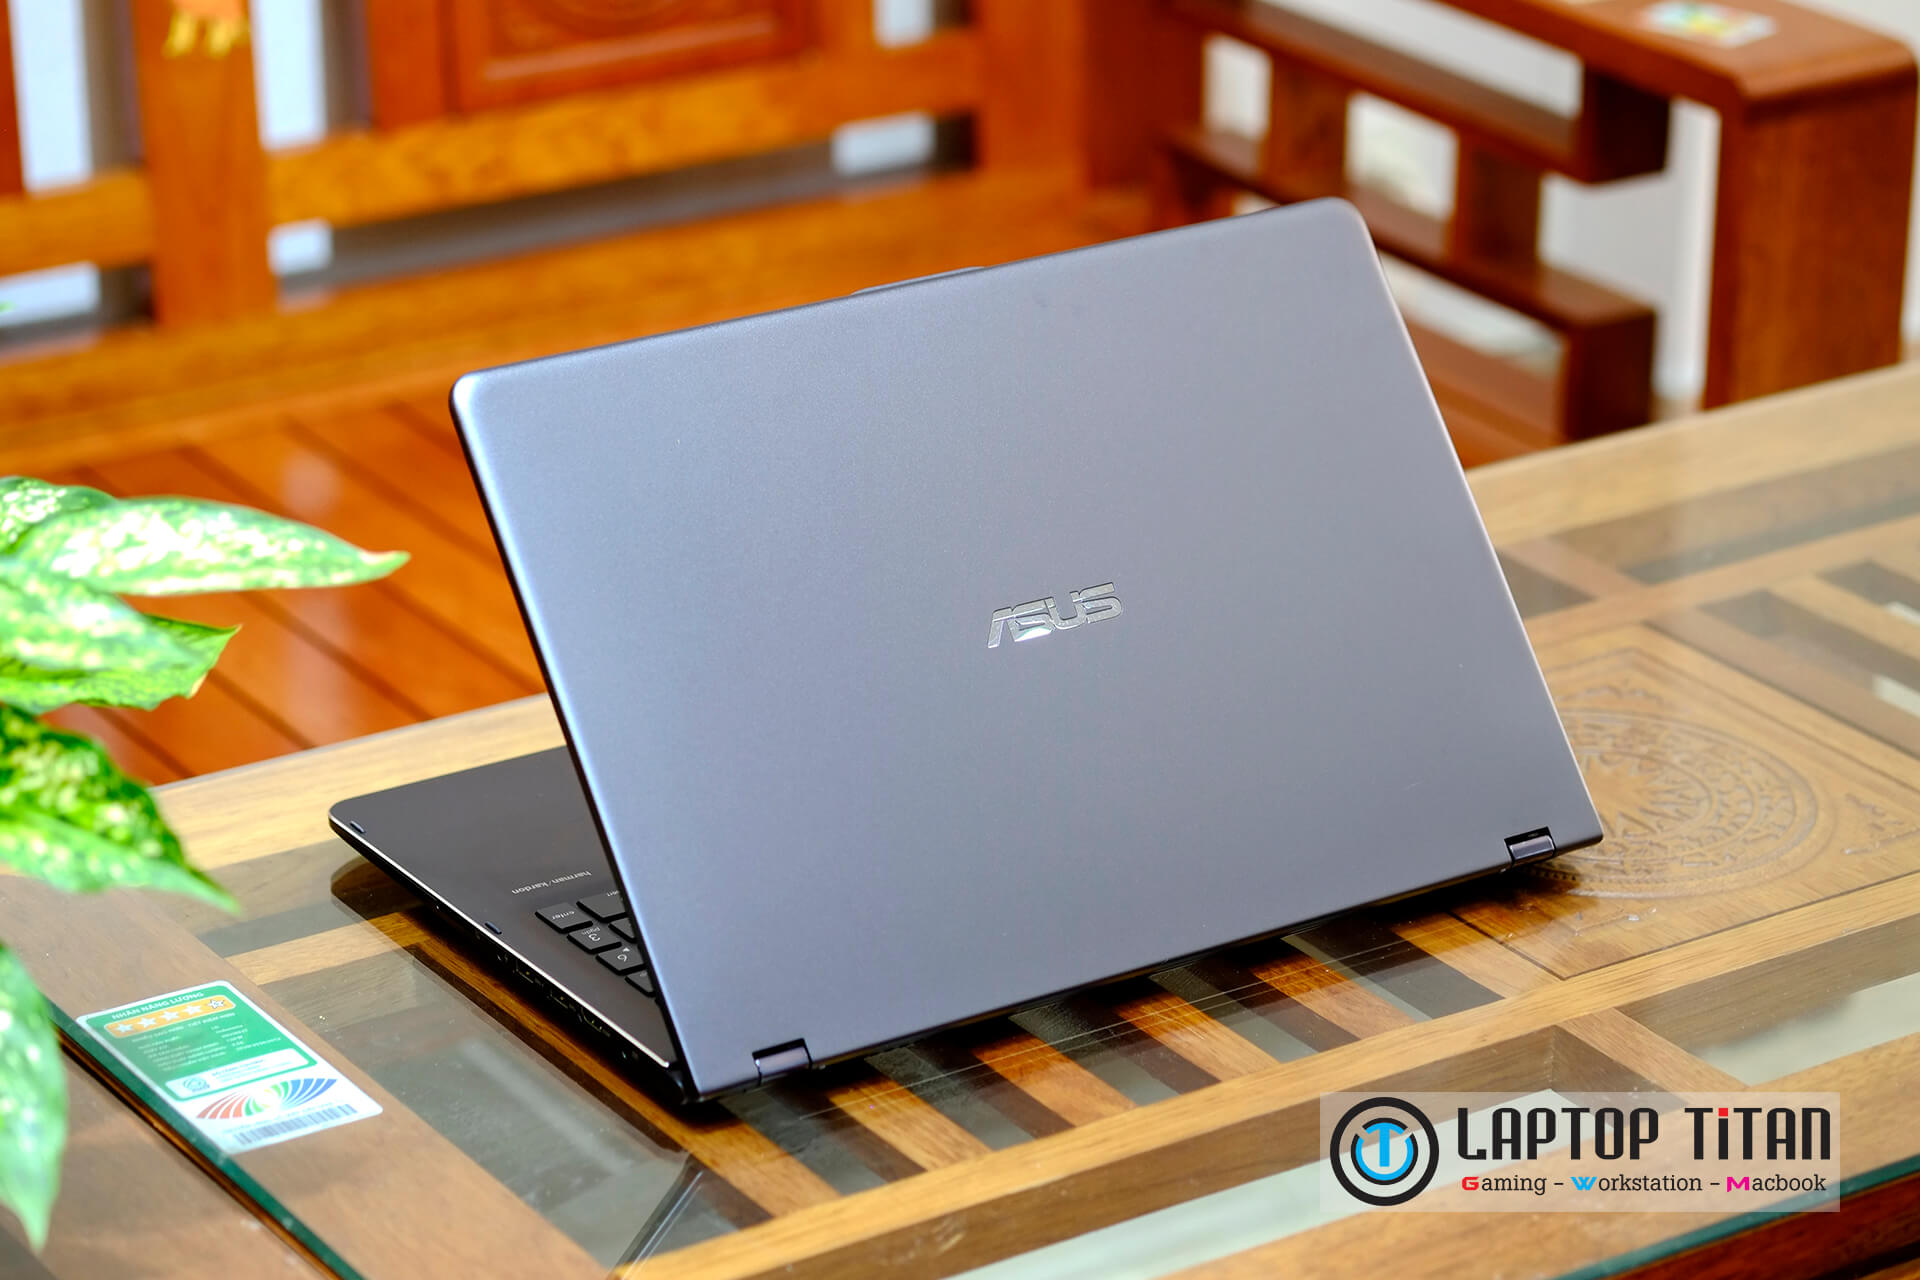 Asus-Q535ud-7